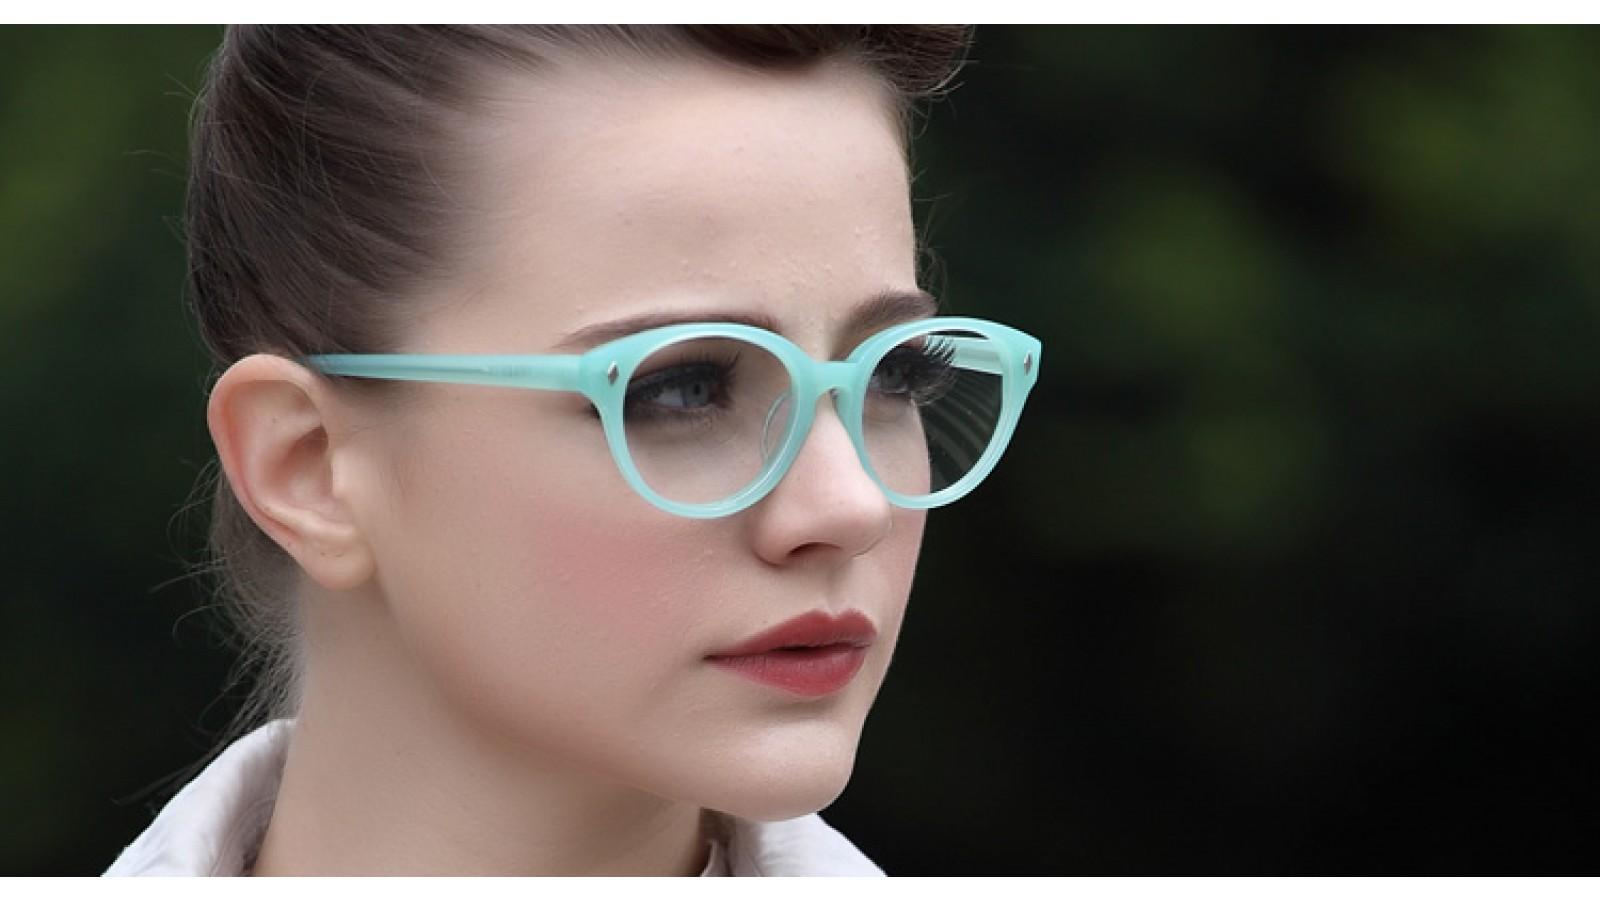 Mitgrüne Vollrandbrille im Nerdlook